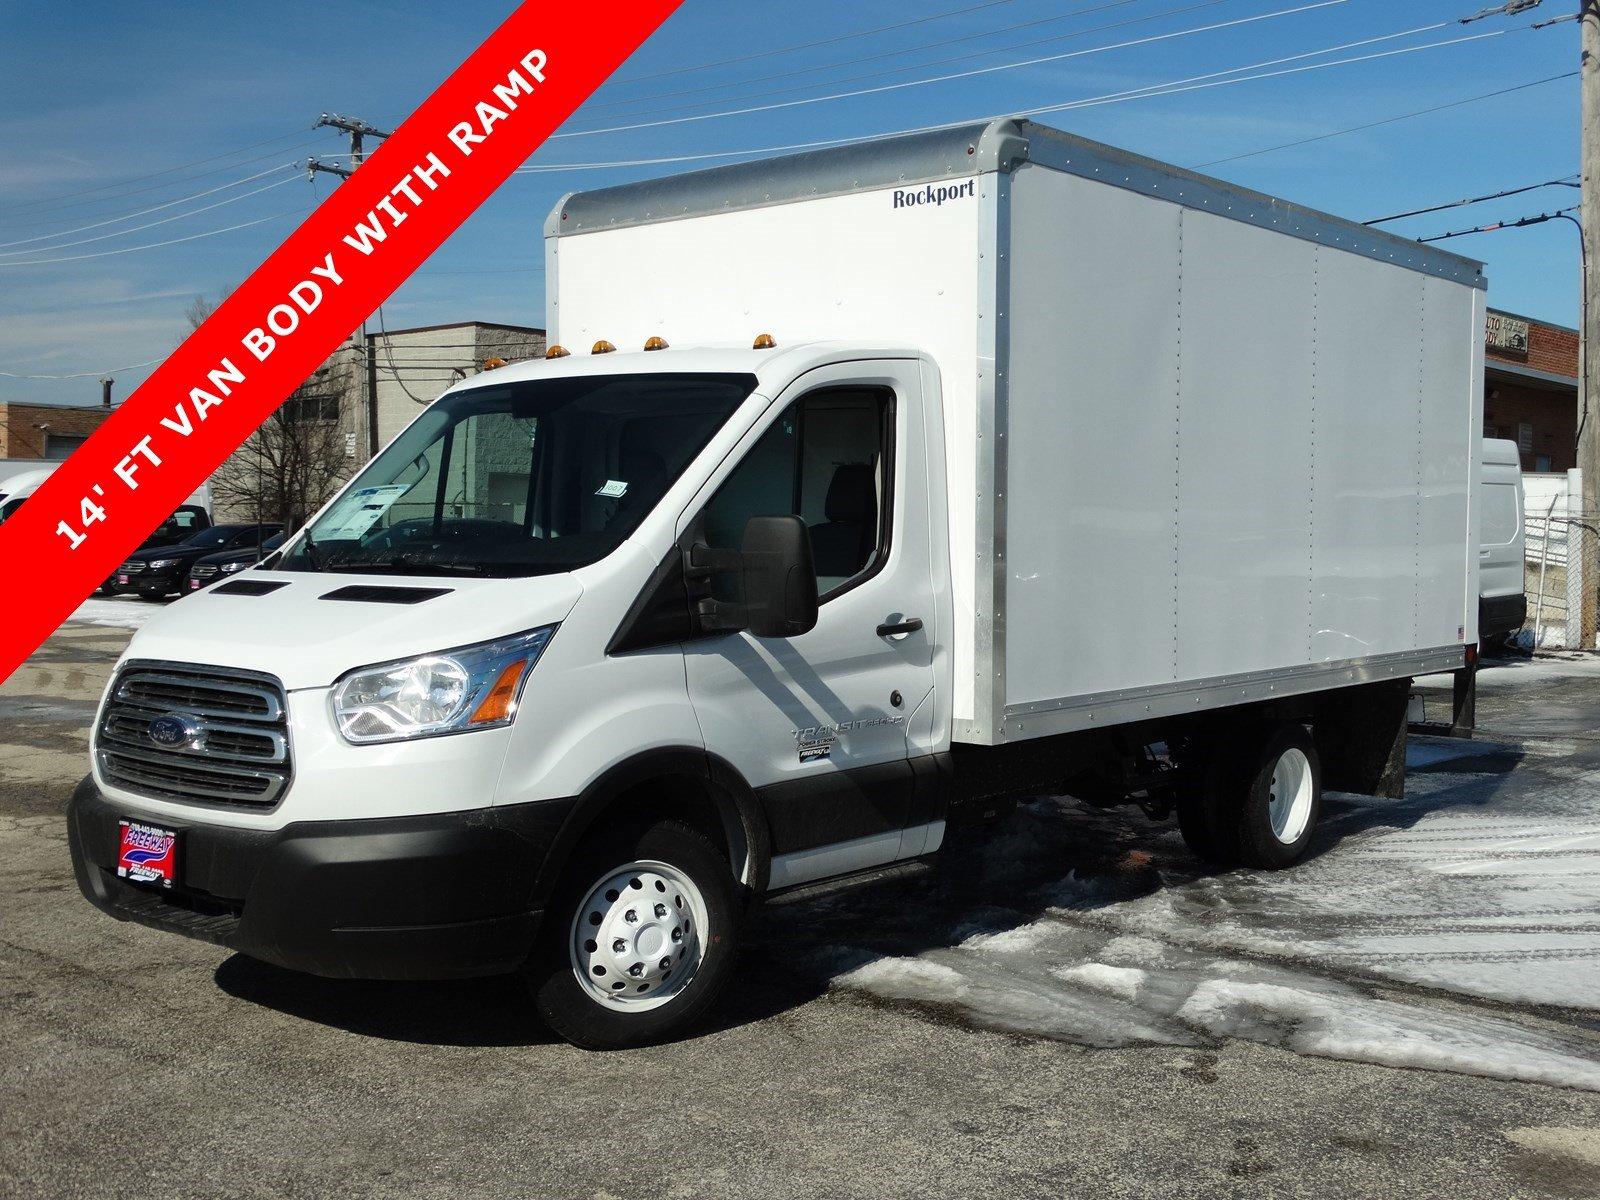 2019 Ford Transit Cutaway Truck